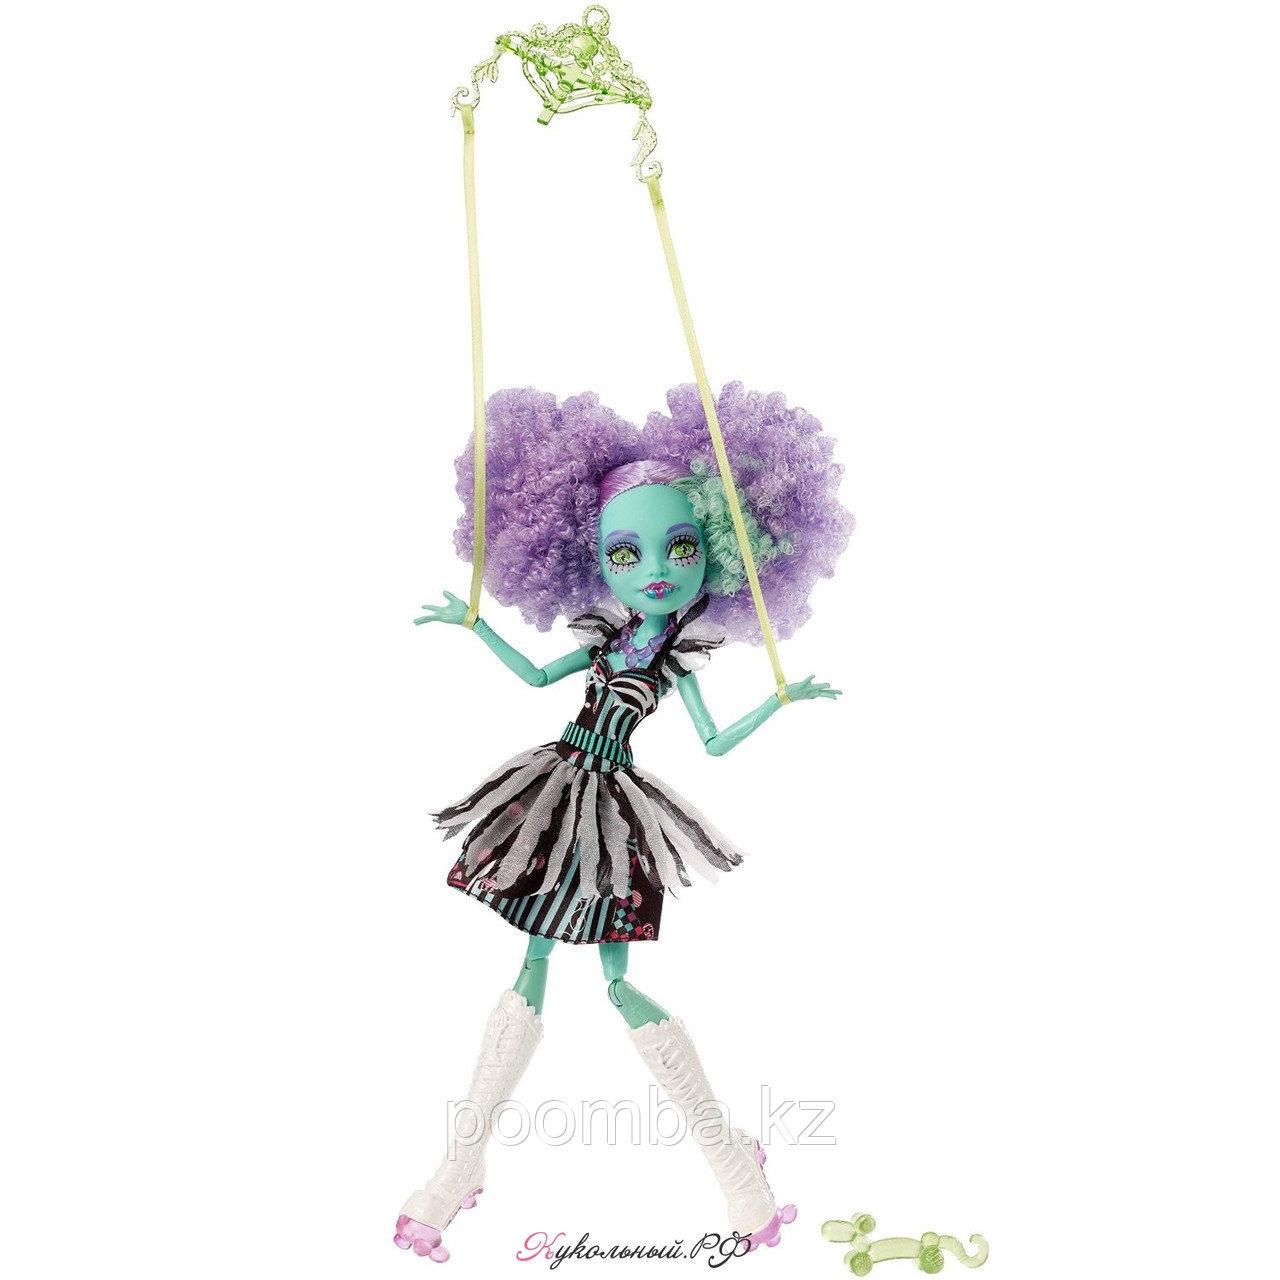 Кукла Монстр Хай Хани Свамп, Monster High Freak du Chic - Honey Swamp